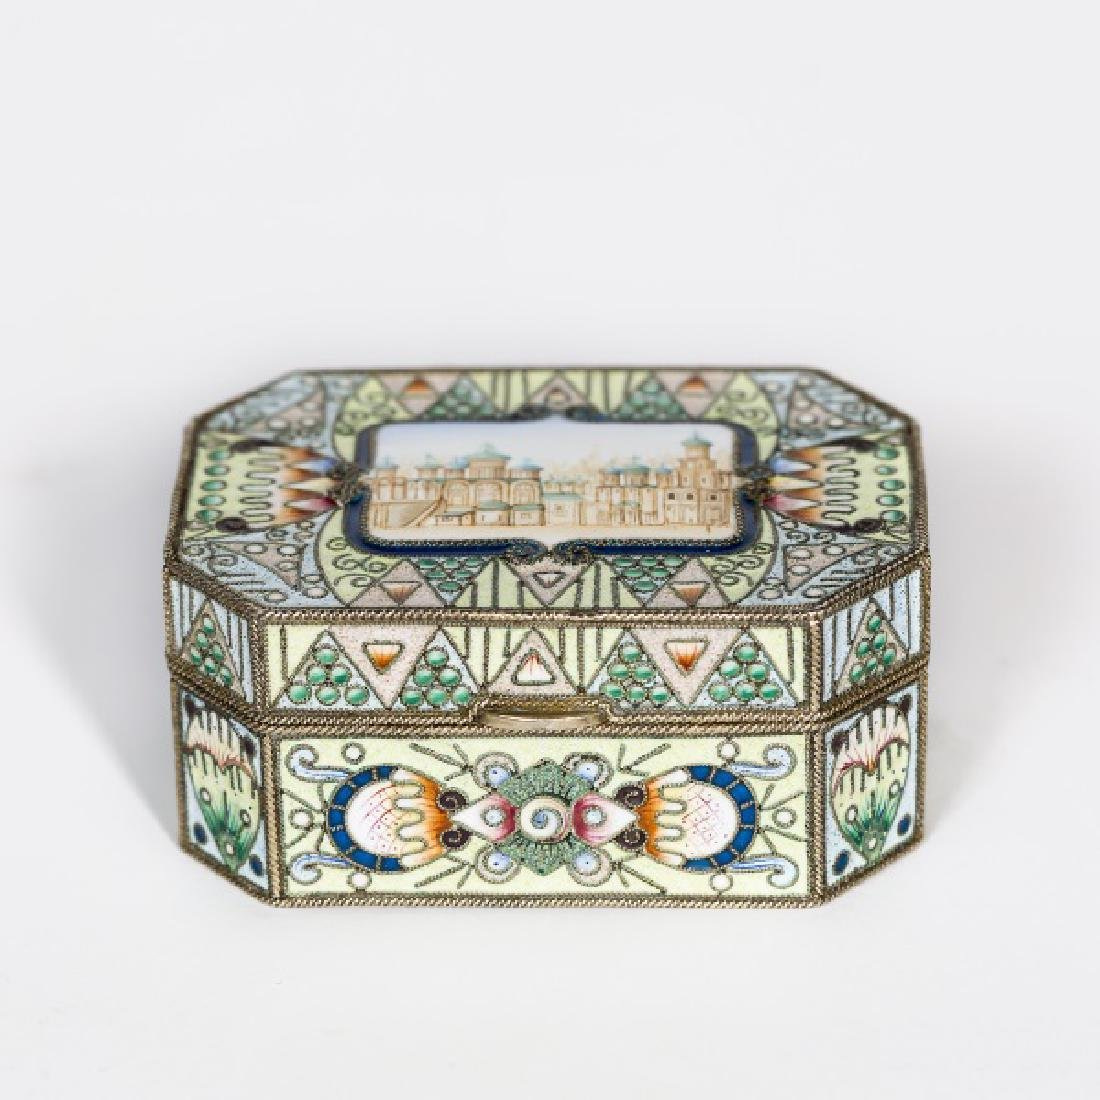 Faberge Silver Gilt Enamel Box, Feodor Ruckert - 3